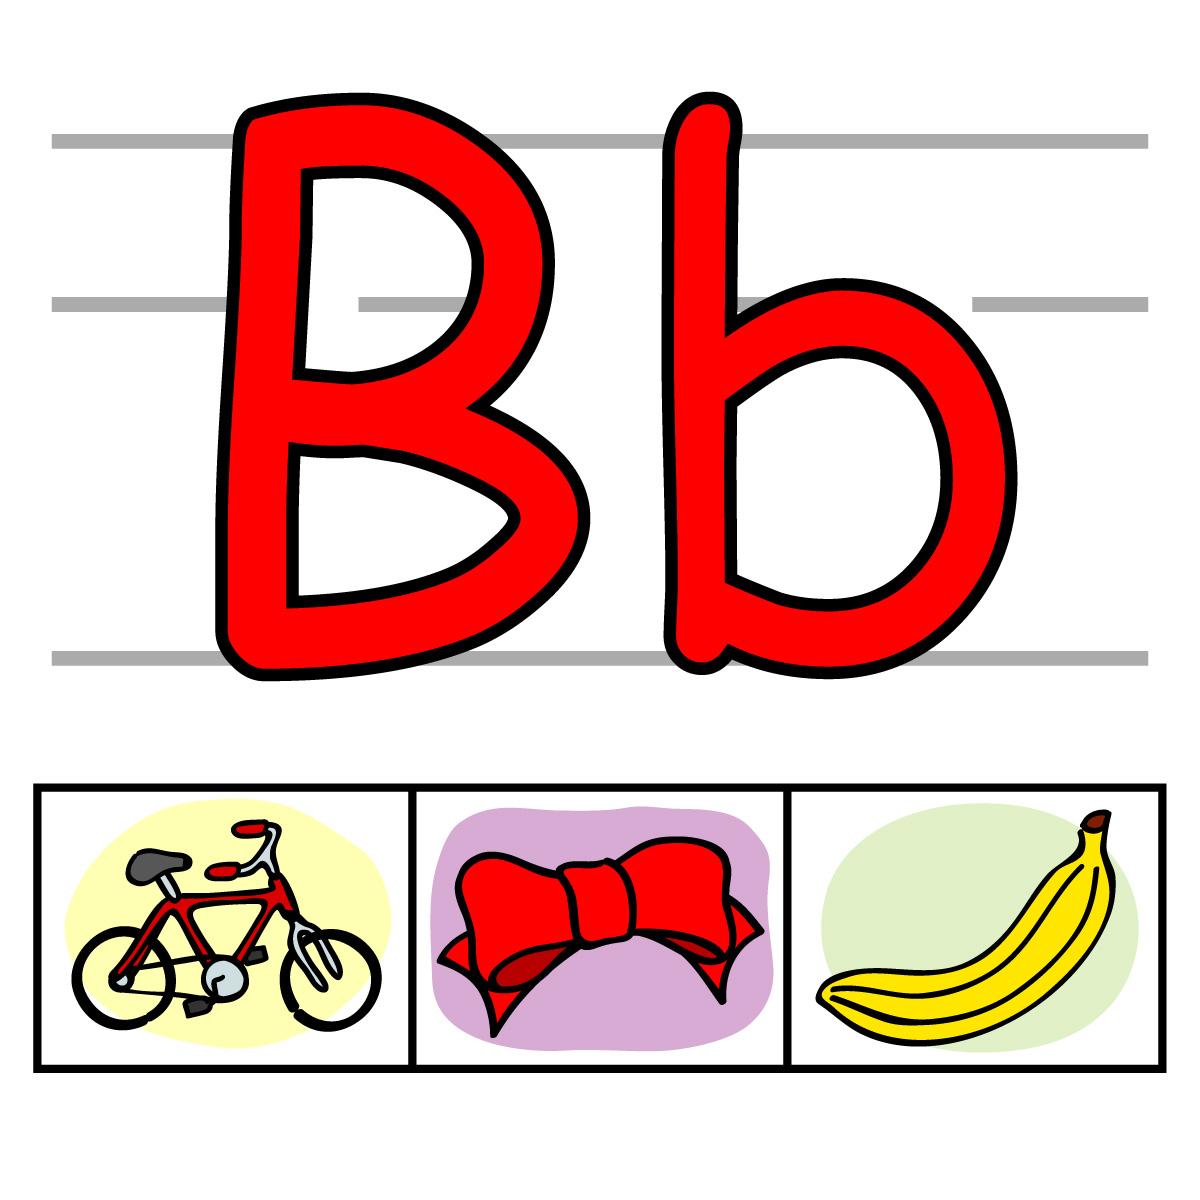 Abc clipart letters image transparent stock Individual Alphabet Letters Clipart - Clipart Kid image transparent stock